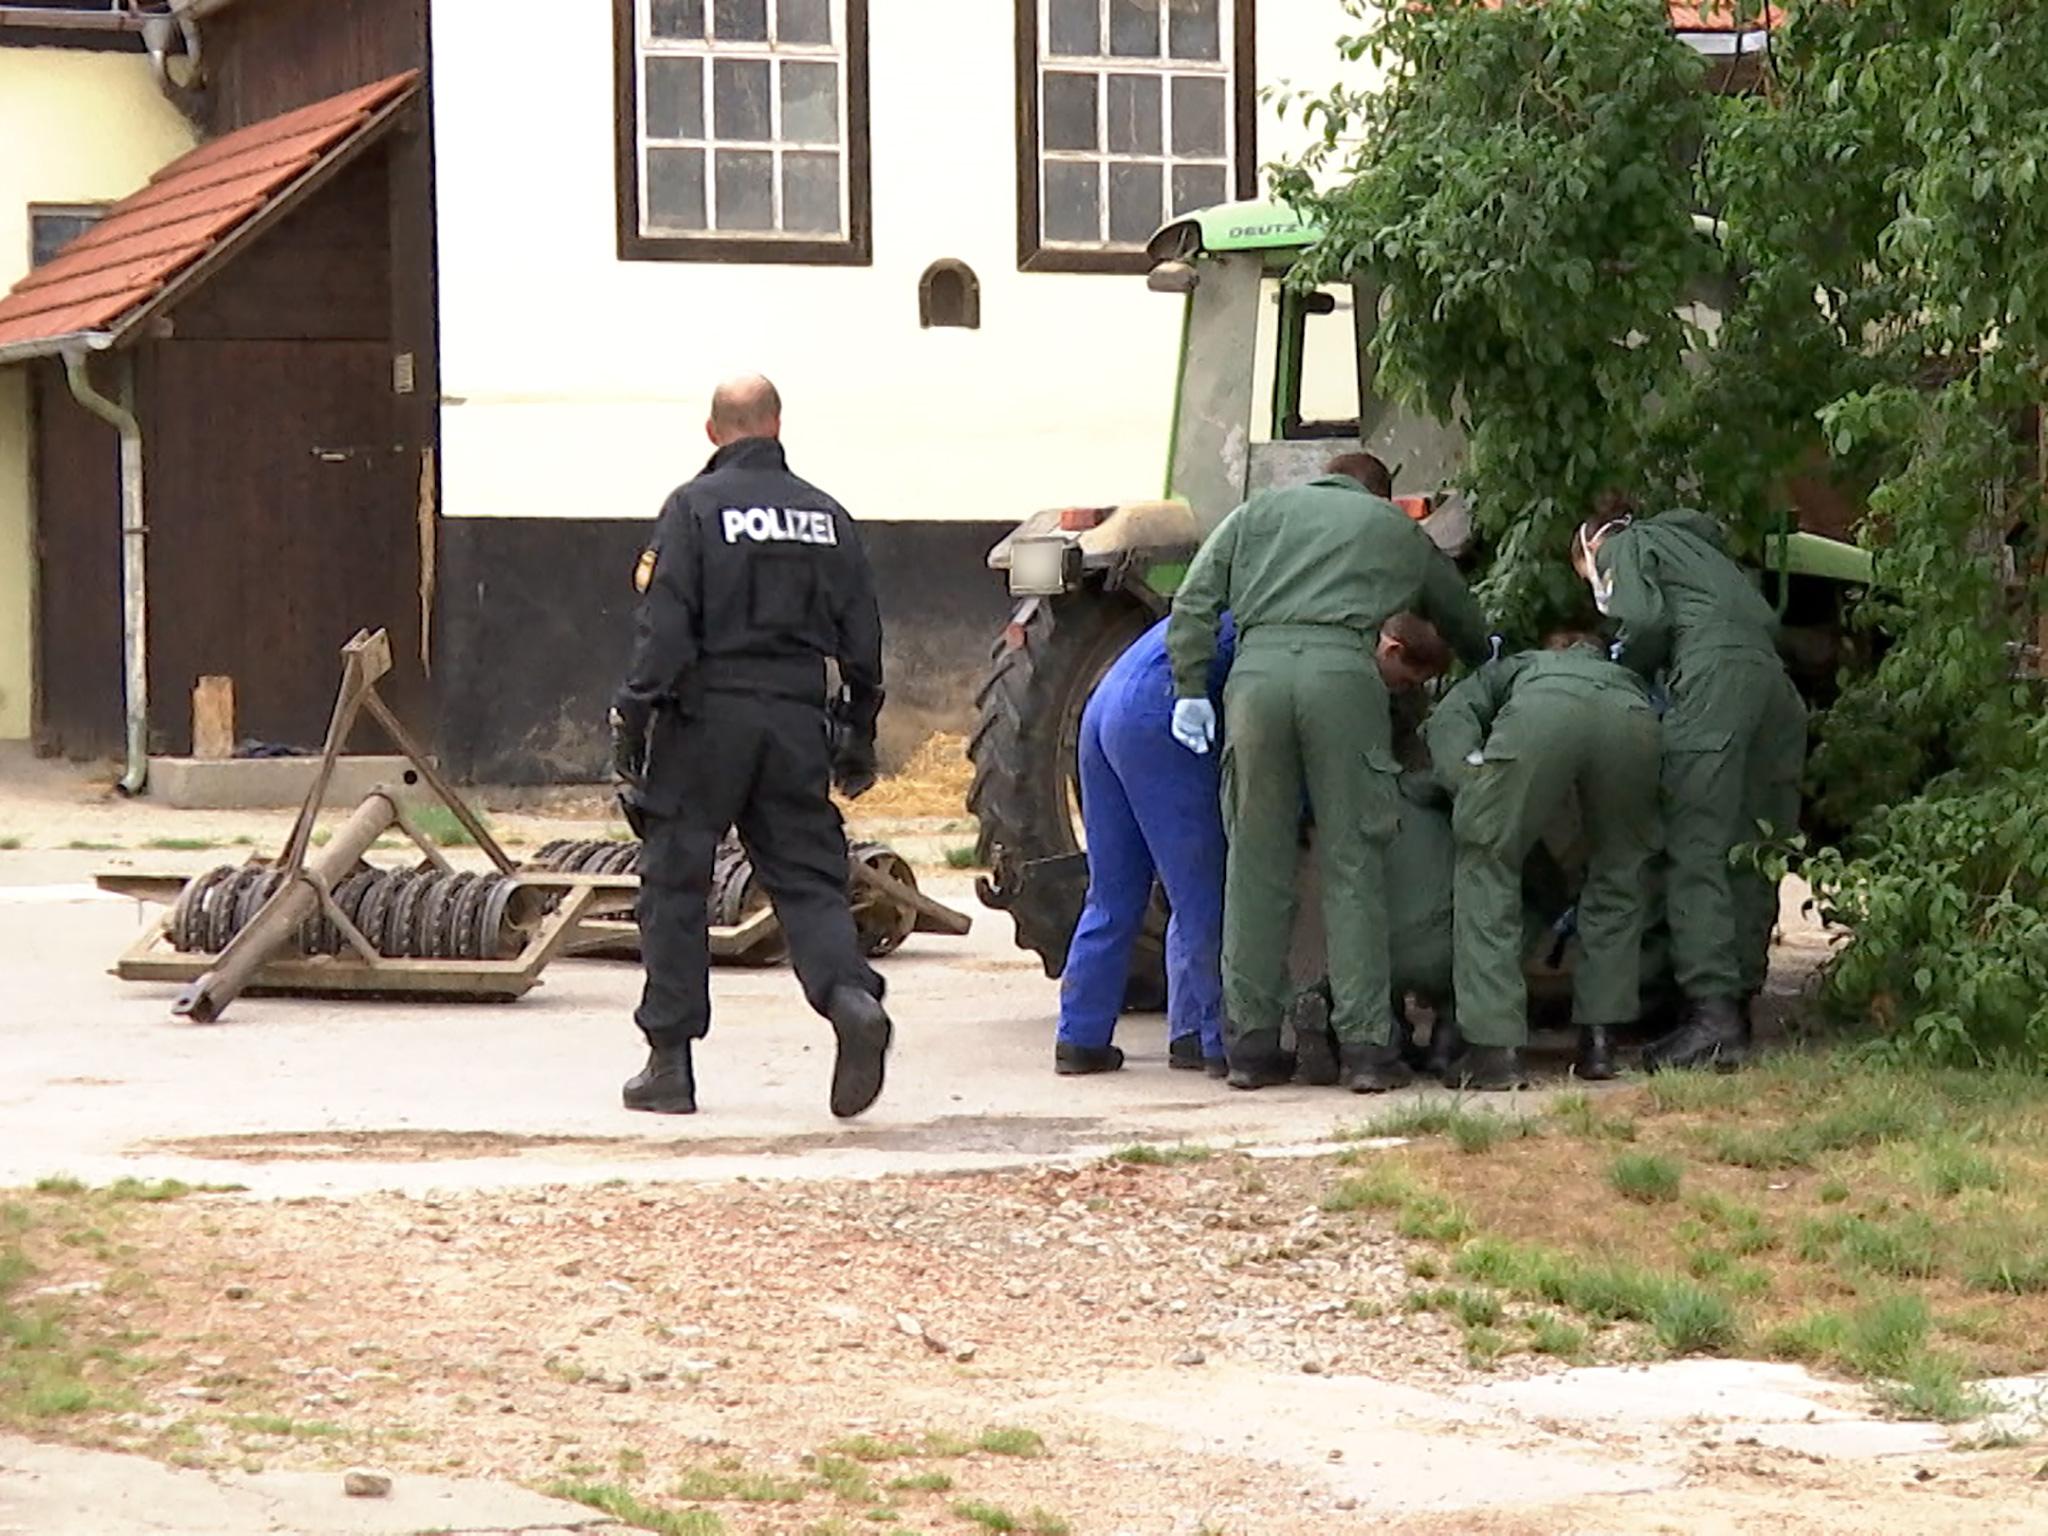 Beamte auf der Suche nach Beweismitteln auf dem Hof des Beschuldigten. Foto: Sat.1 Bayern